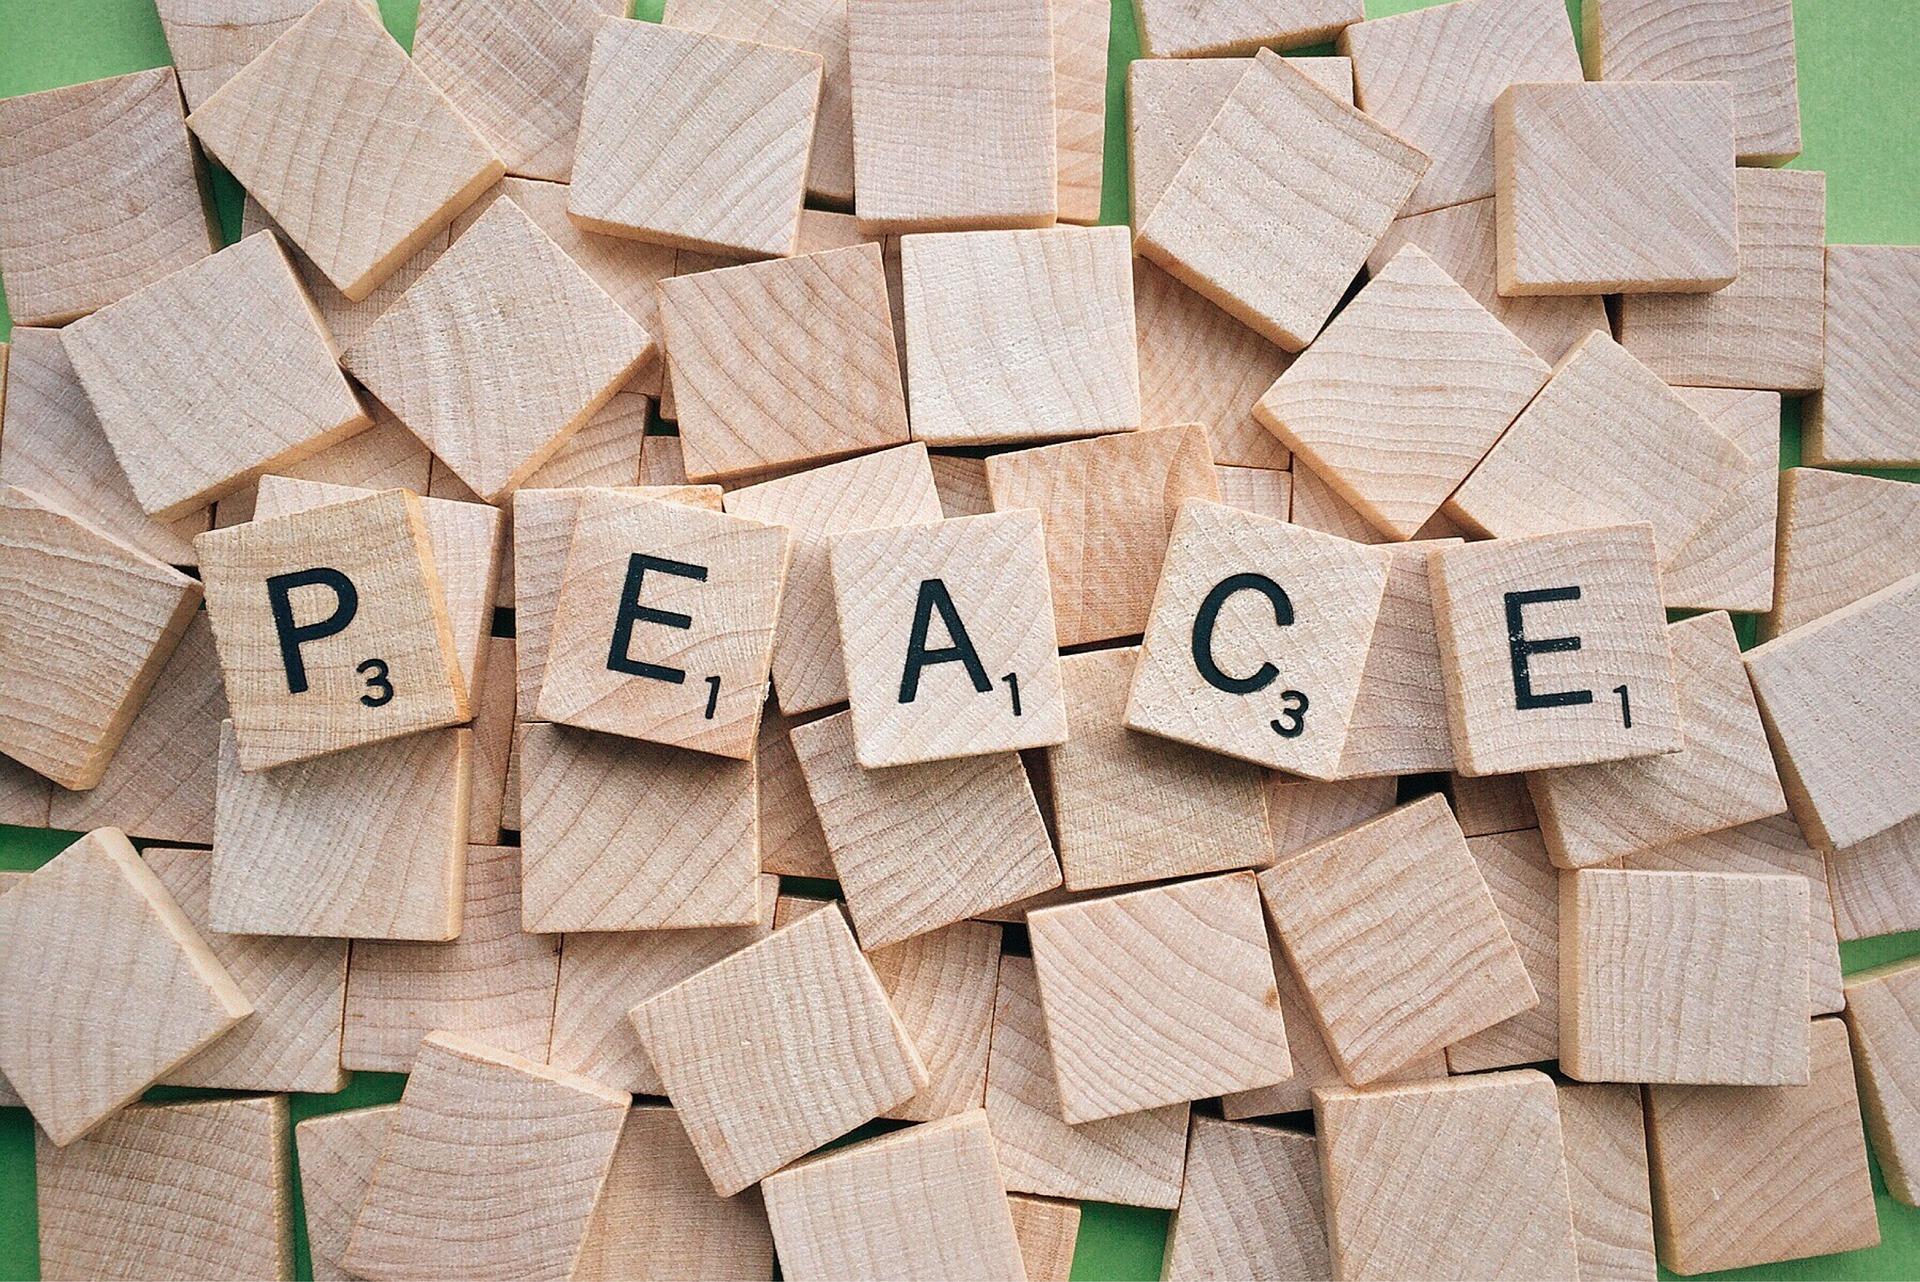 peace-1897318_1920.jpg